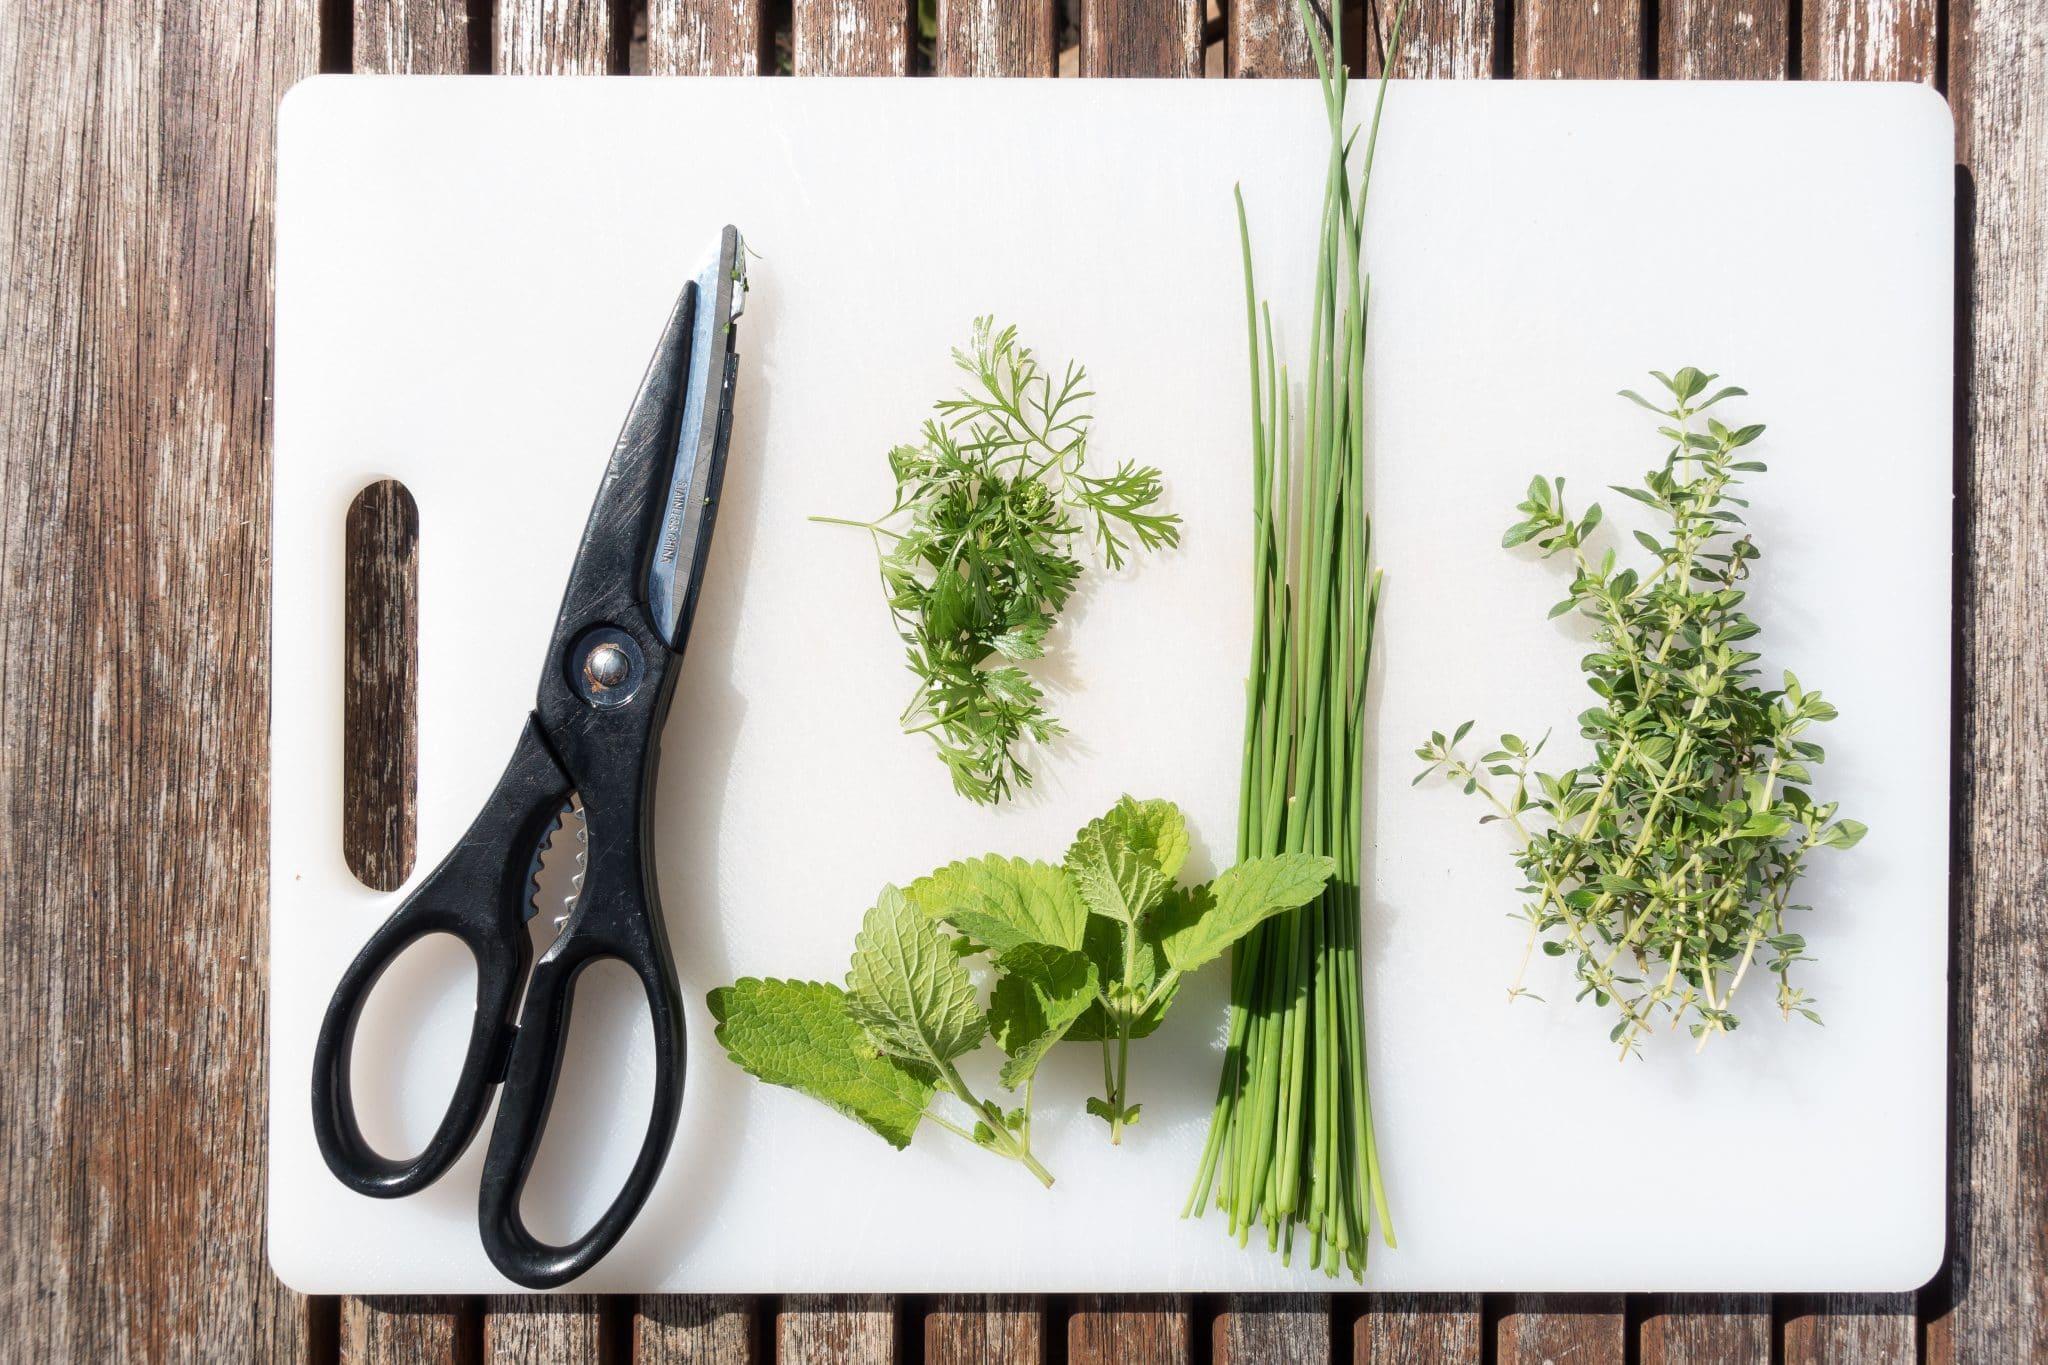 kitchen scissors, scissors for kitchen